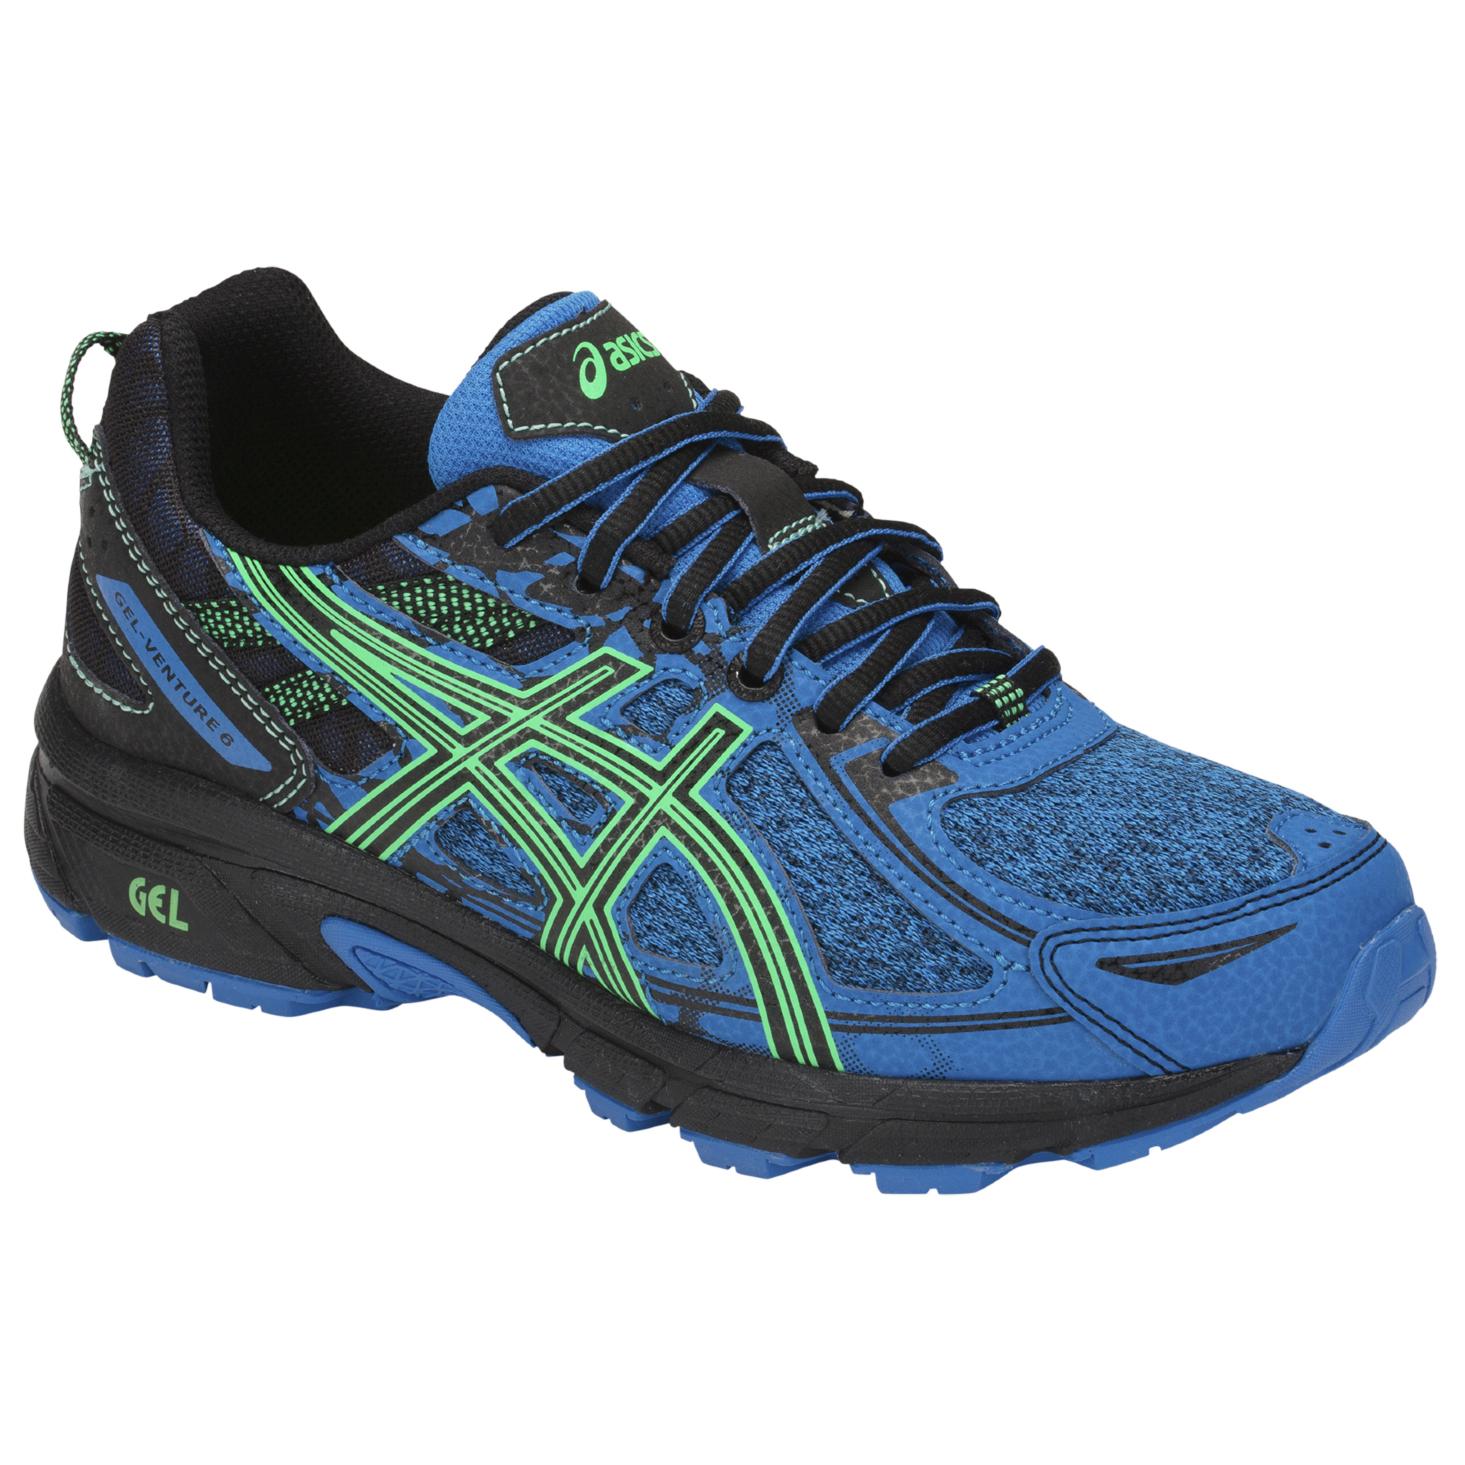 3dab582d790d Asics Gel-Venture 6 GS - Multisport shoes Kids